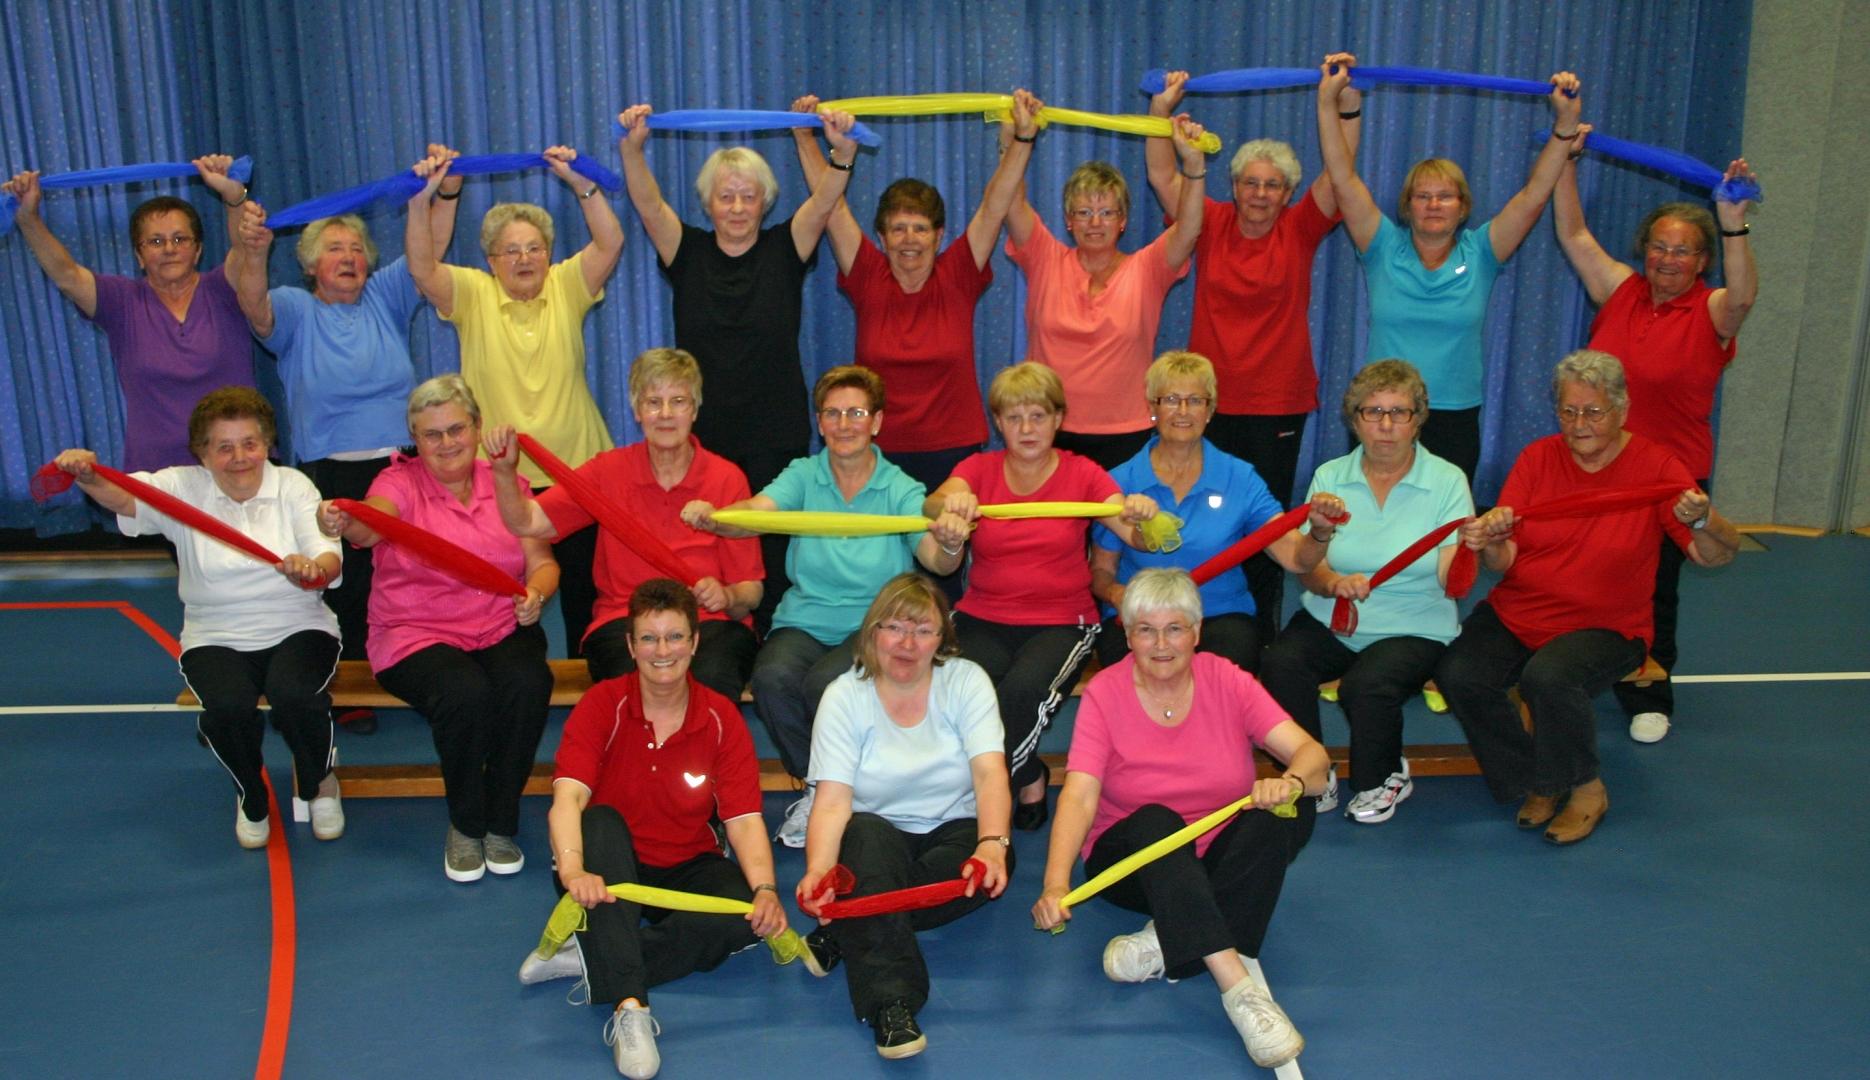 tl_files/bilder/gymn/Seniorinnen/2-Baender-2.jpg